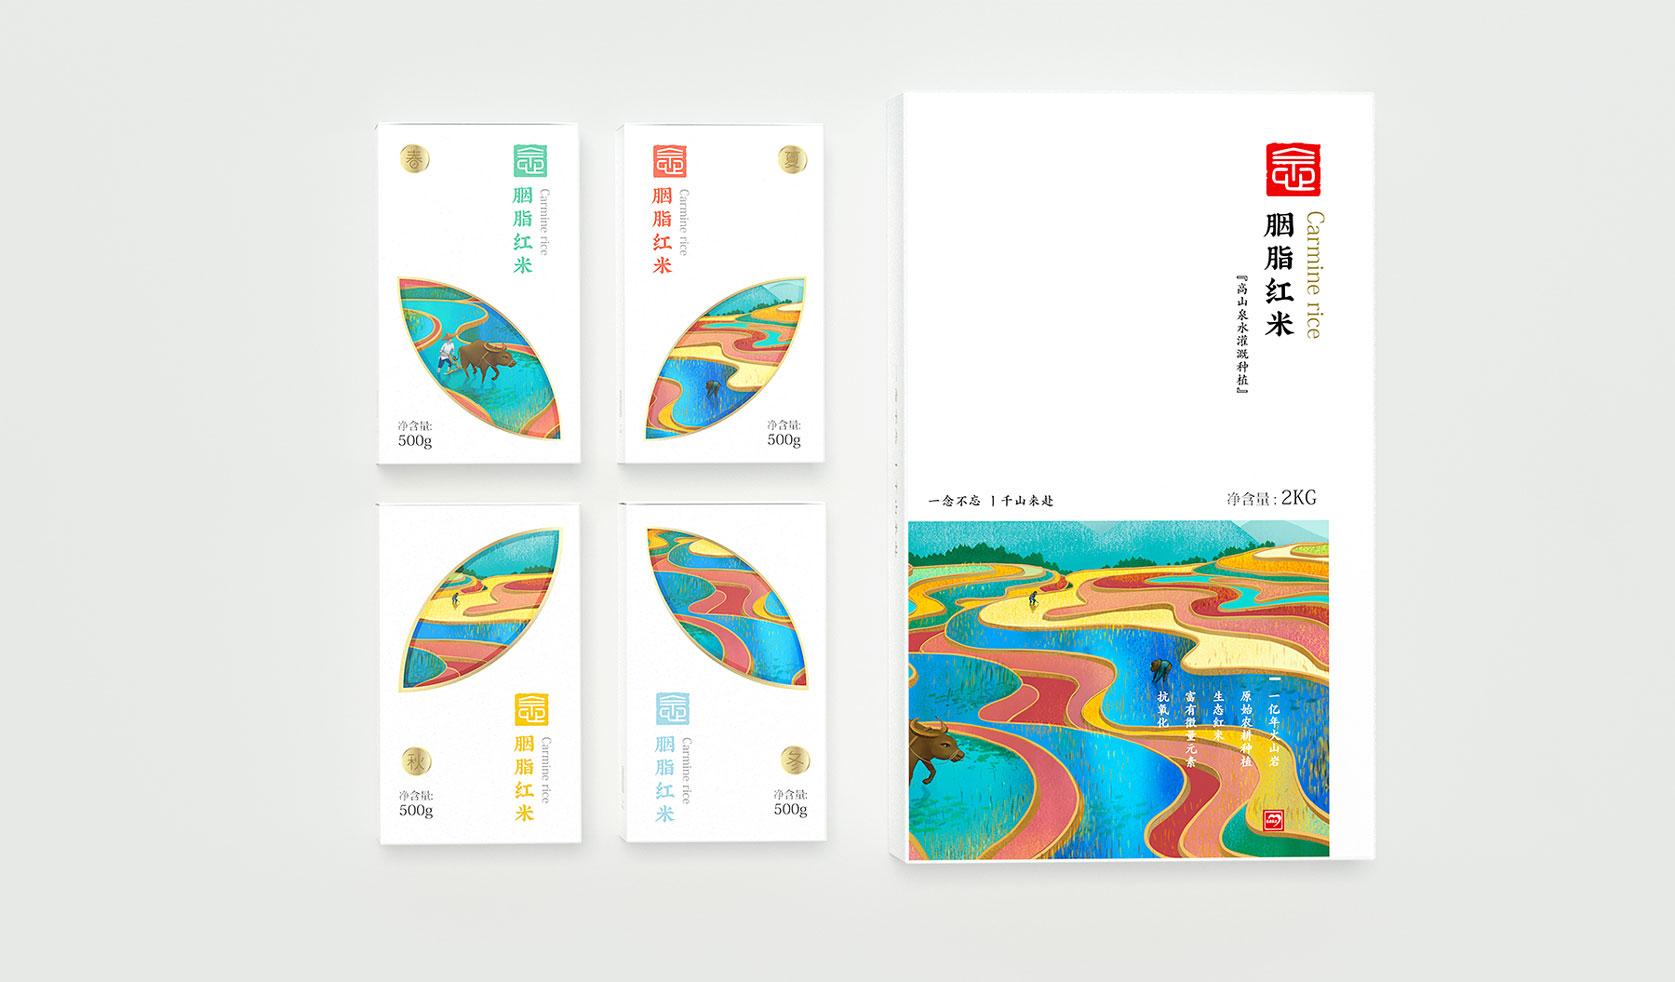 德信念山农场-生态米(图6)